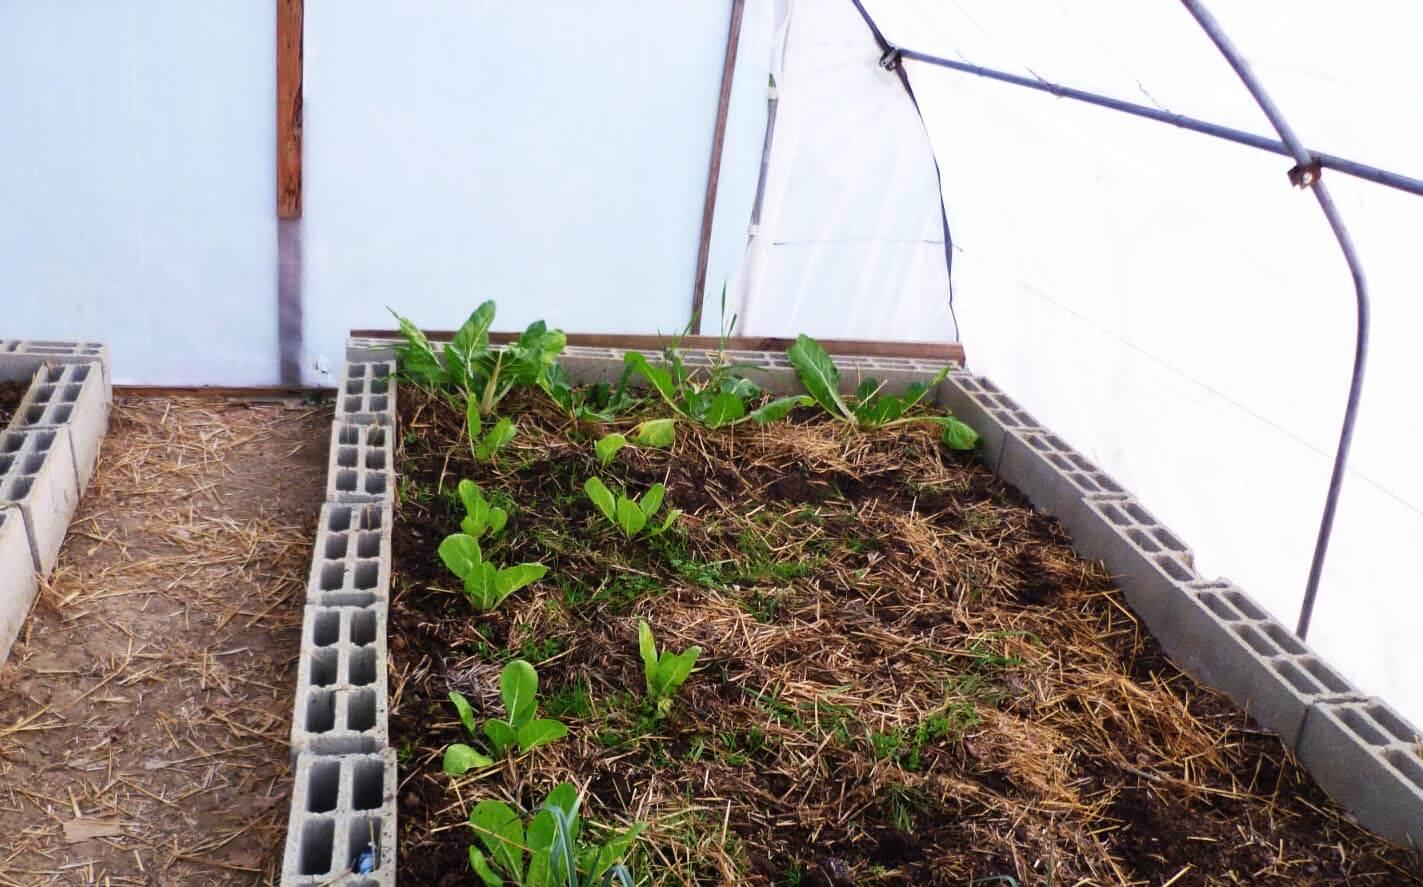 Comment Placer Des Dalles De Jardin comment fabriquer votre serre ? - le blog de jardinet.fr